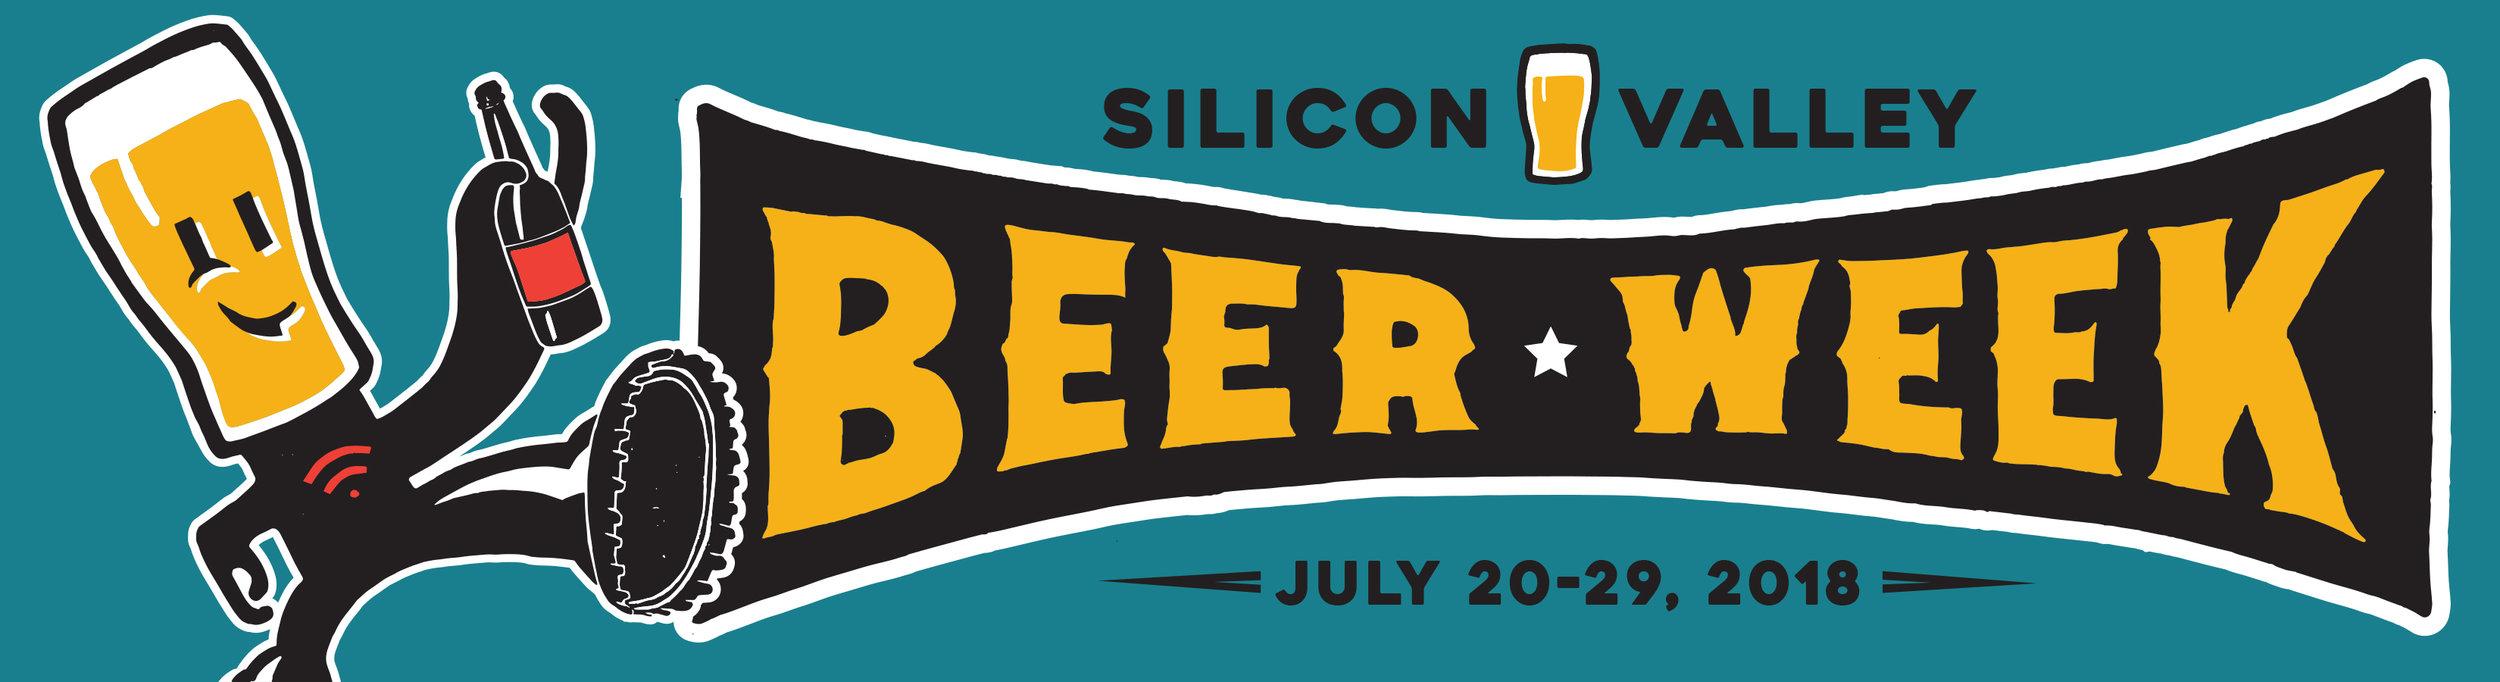 SV Beer Week 2018.jpg